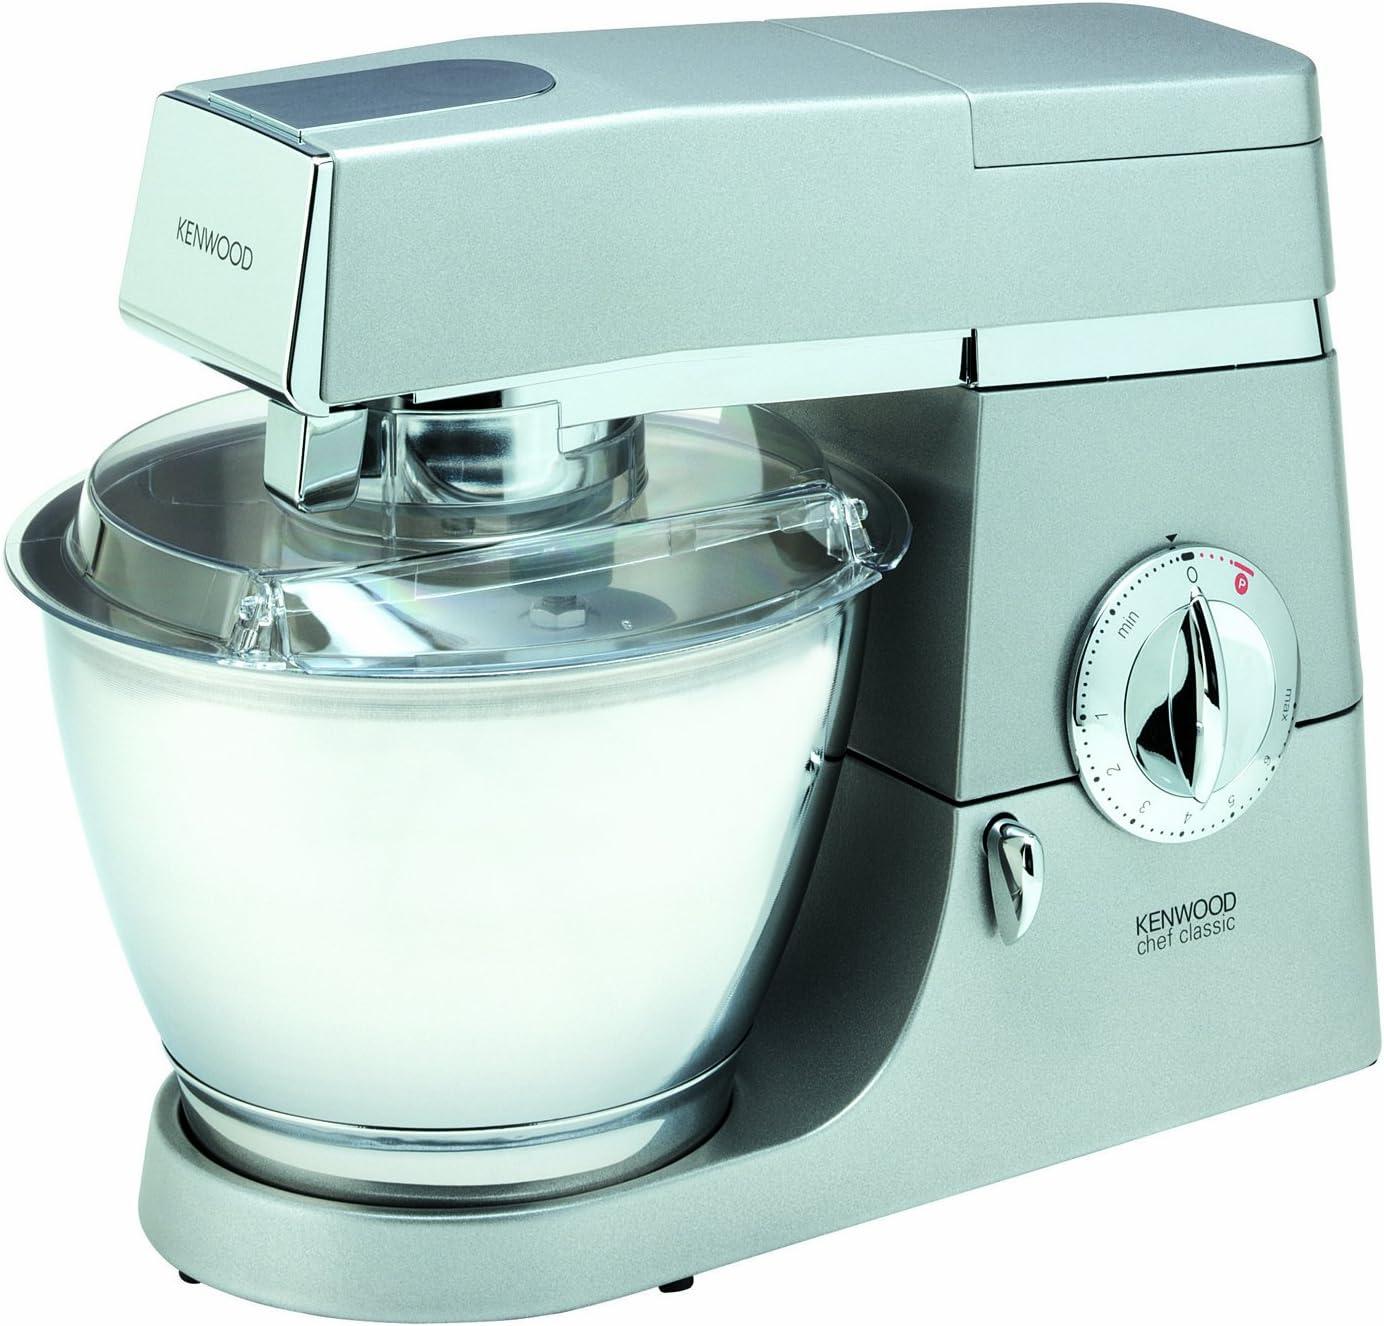 Kenwood KM416 - Robot de cocina, 750 W, bol acero inoxidable de 4,6 litros [Importado de Alemania]: Amazon.es: Hogar